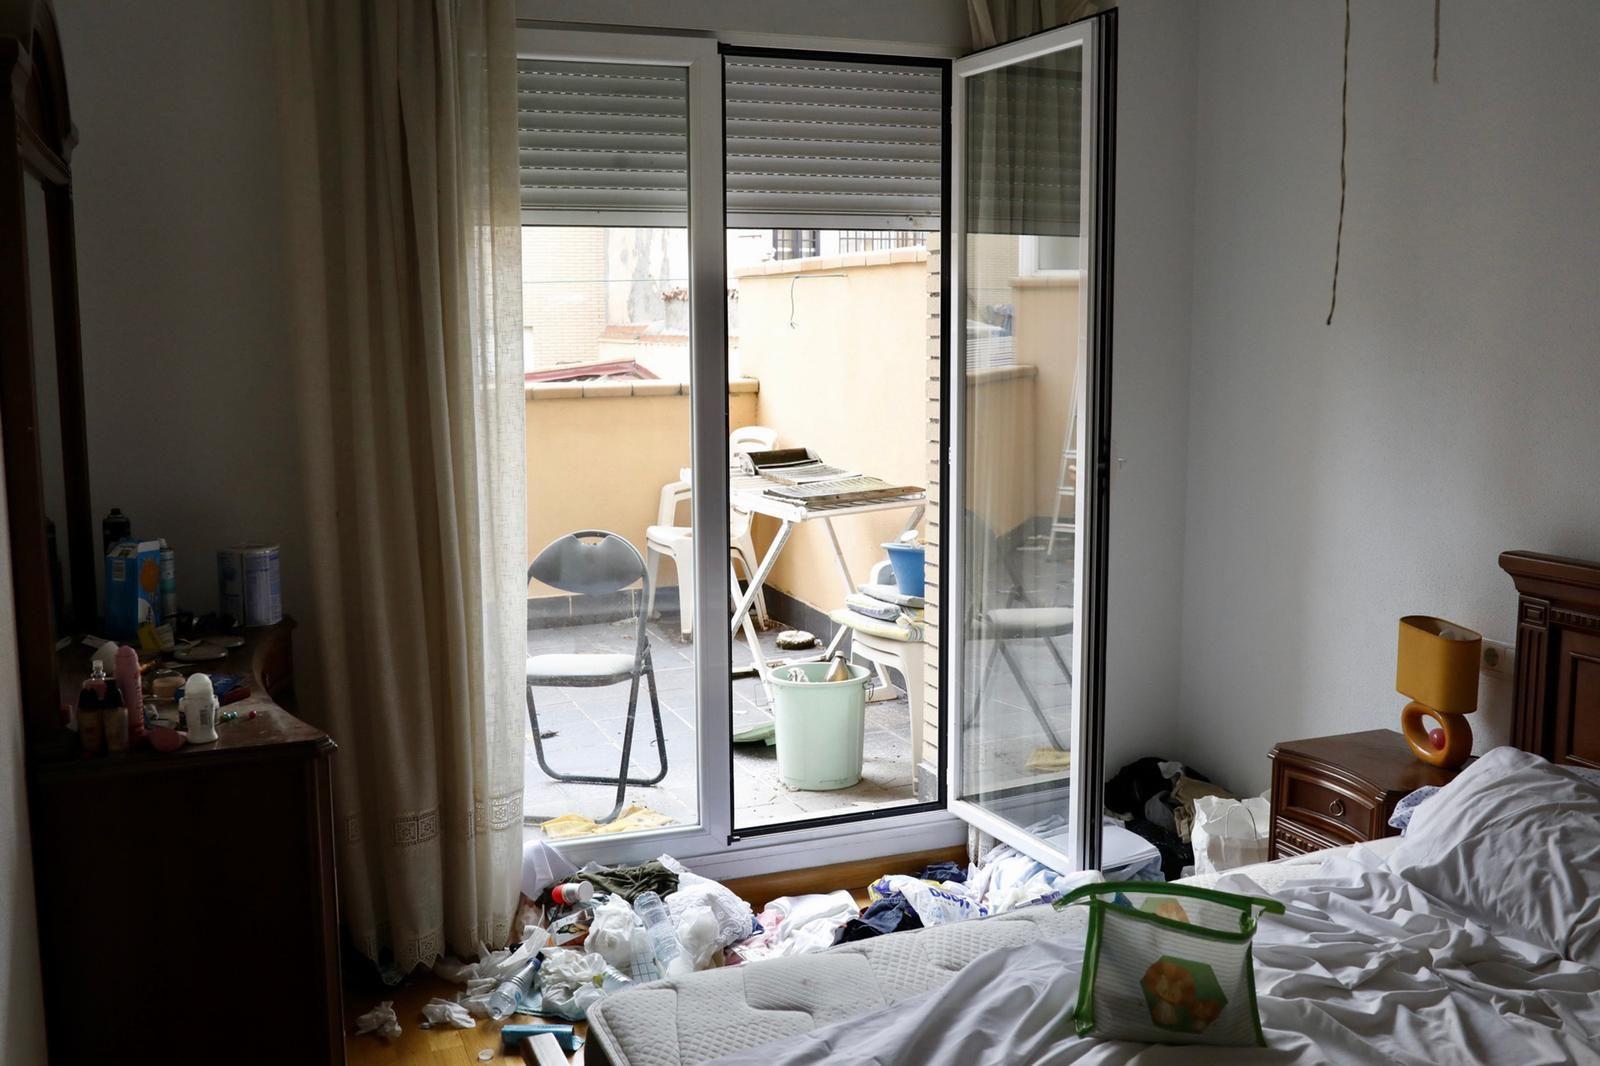 Desalojan a unos ocupas que abandonaron el piso lleno de basura y excrementos en Zamora